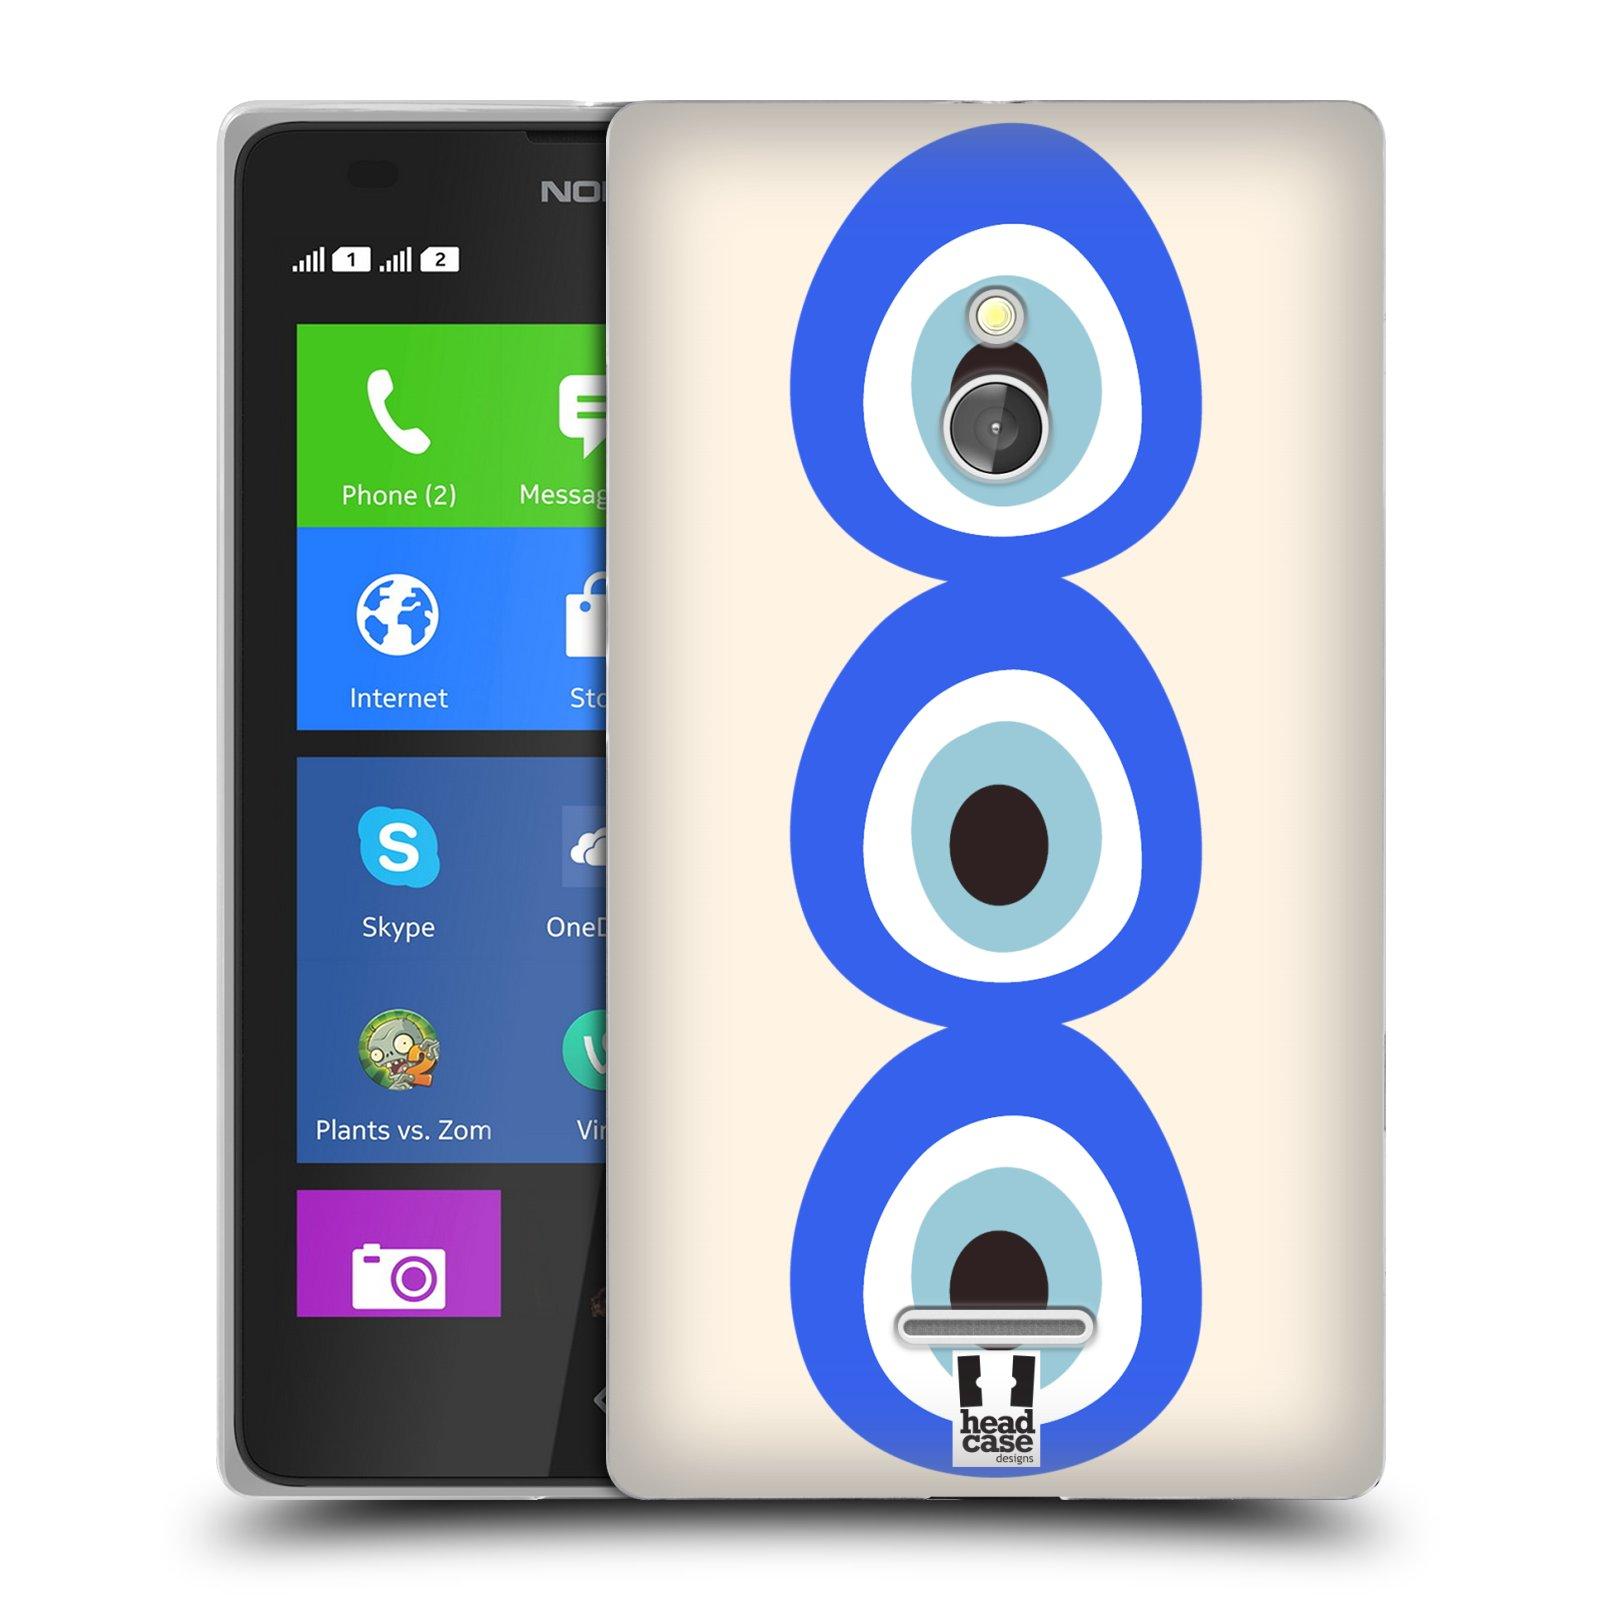 HEAD CASE silikonový obal na mobil NOKIA XL / NOKIA XL DUAL SIM vzor Paví oko 3 očka